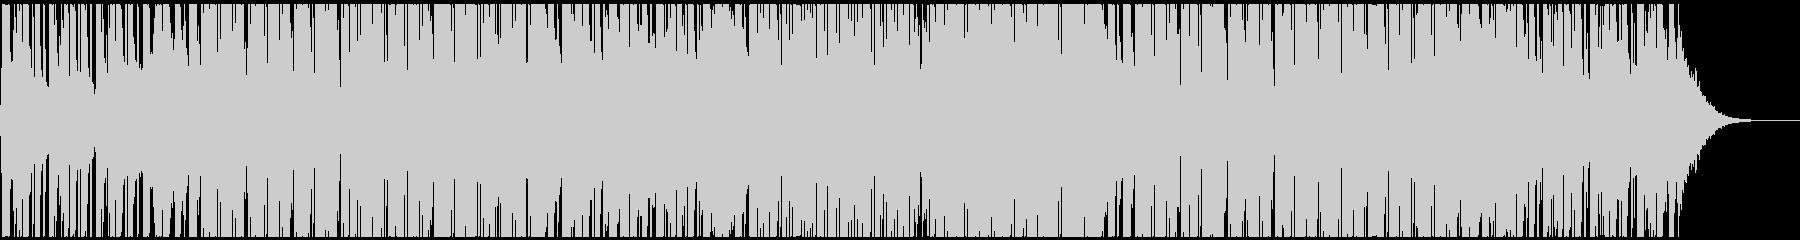 カラフルで軽快なテクノポップ CM・映像の未再生の波形